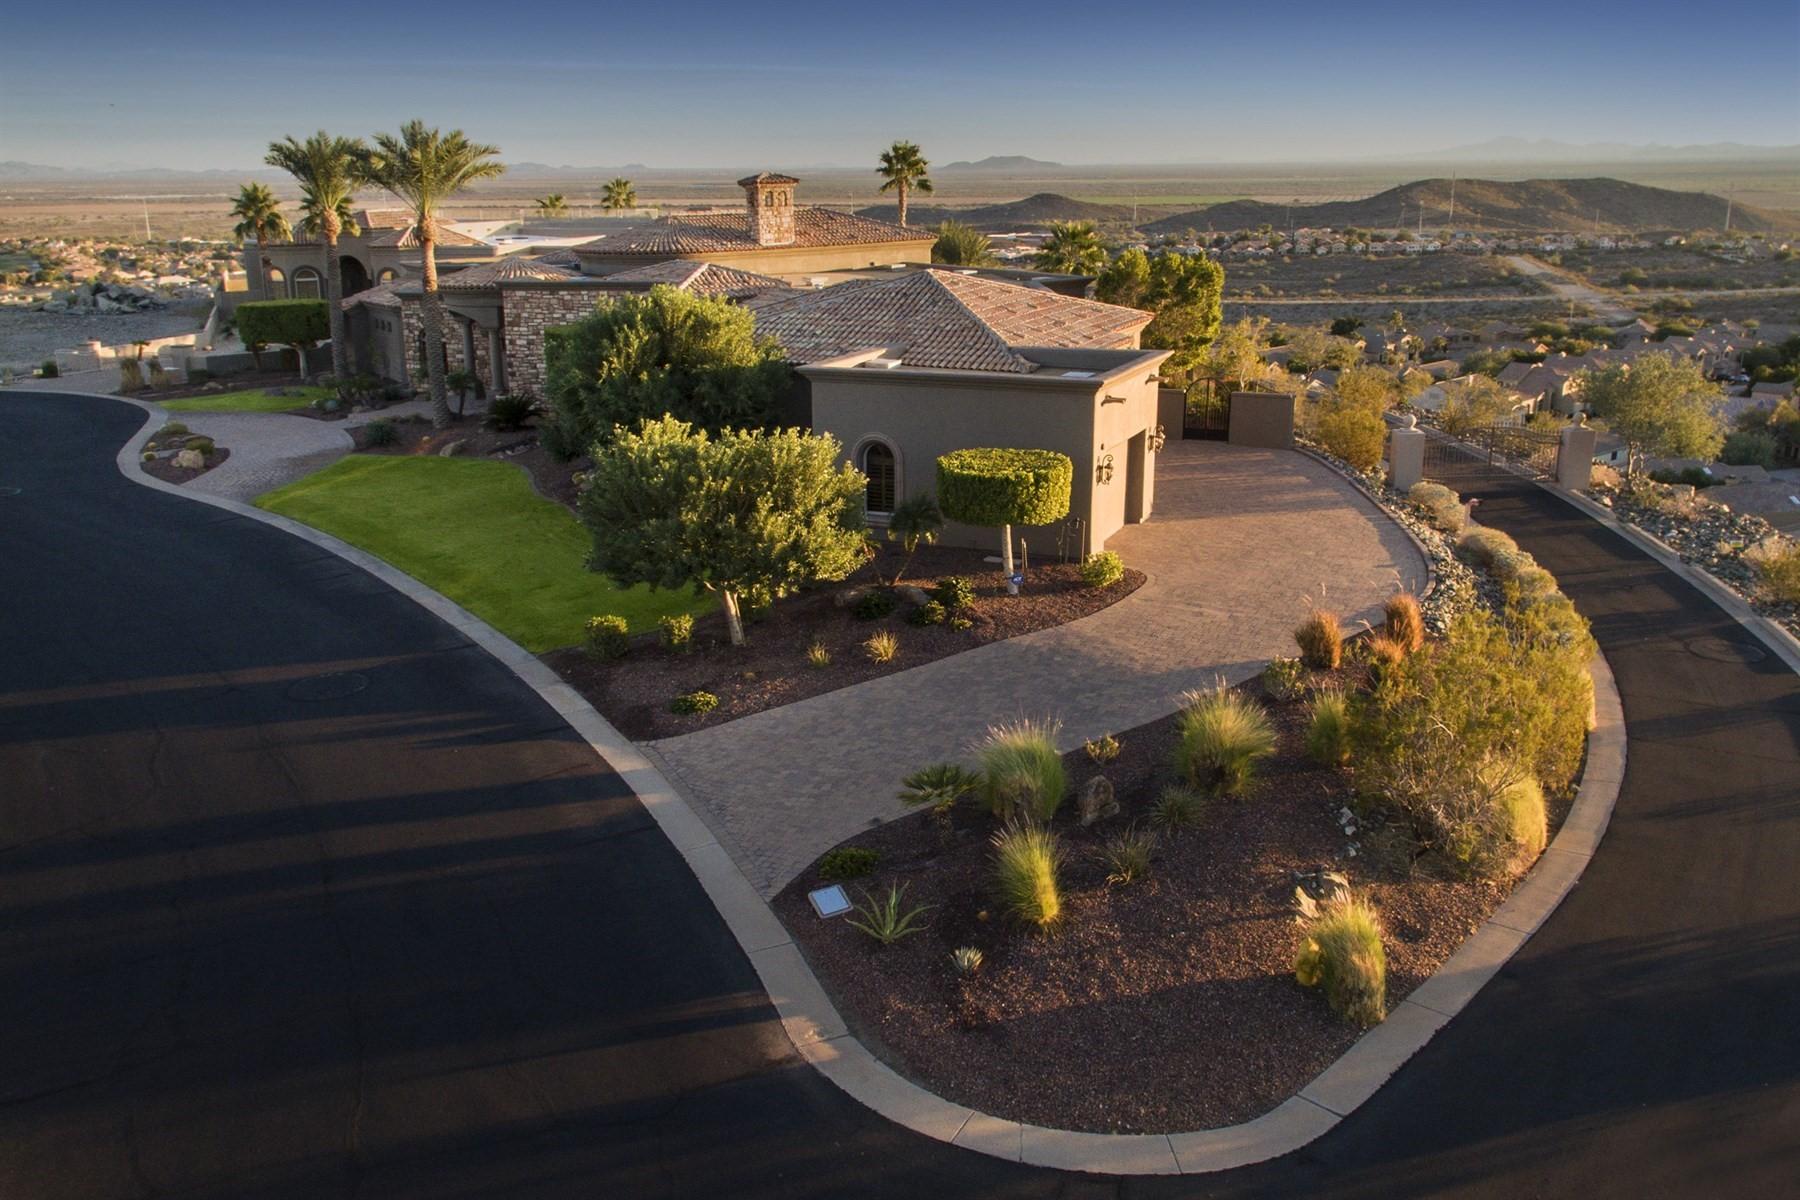 Частный односемейный дом для того Продажа на Eagle Ridge Estates 15808 S 7th St Phoenix, Аризона, 85048 Соединенные Штаты